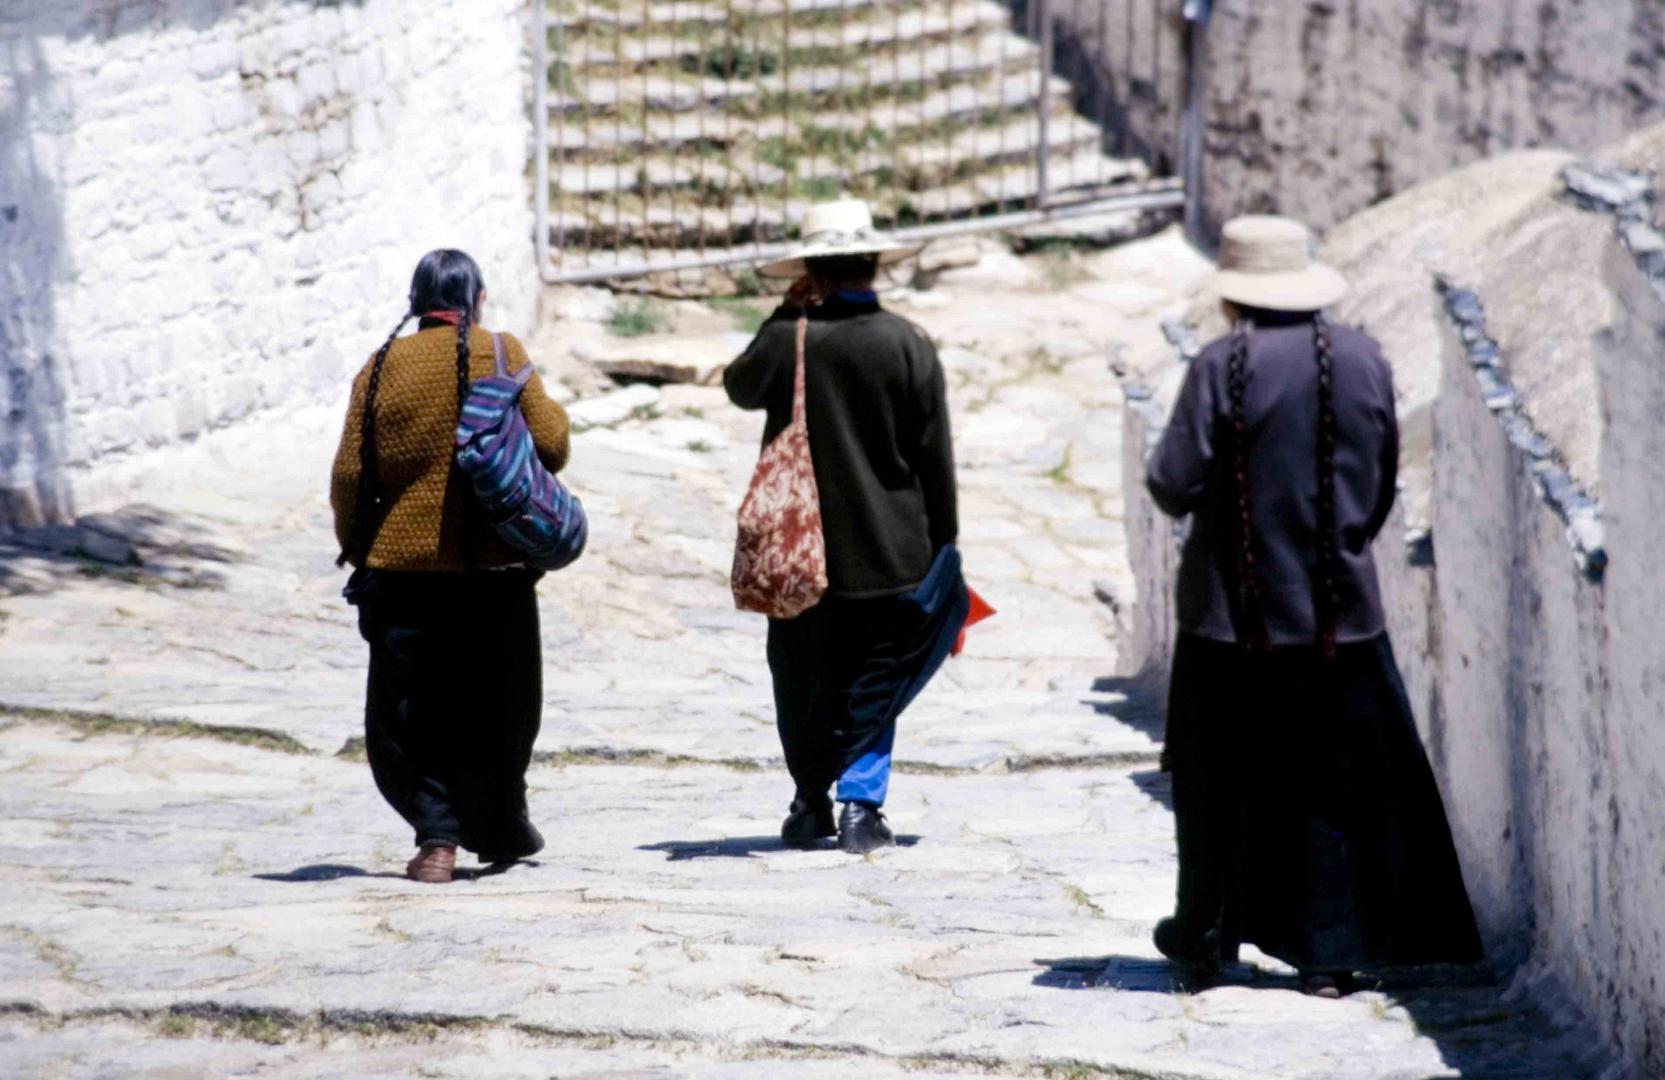 Descending after praying